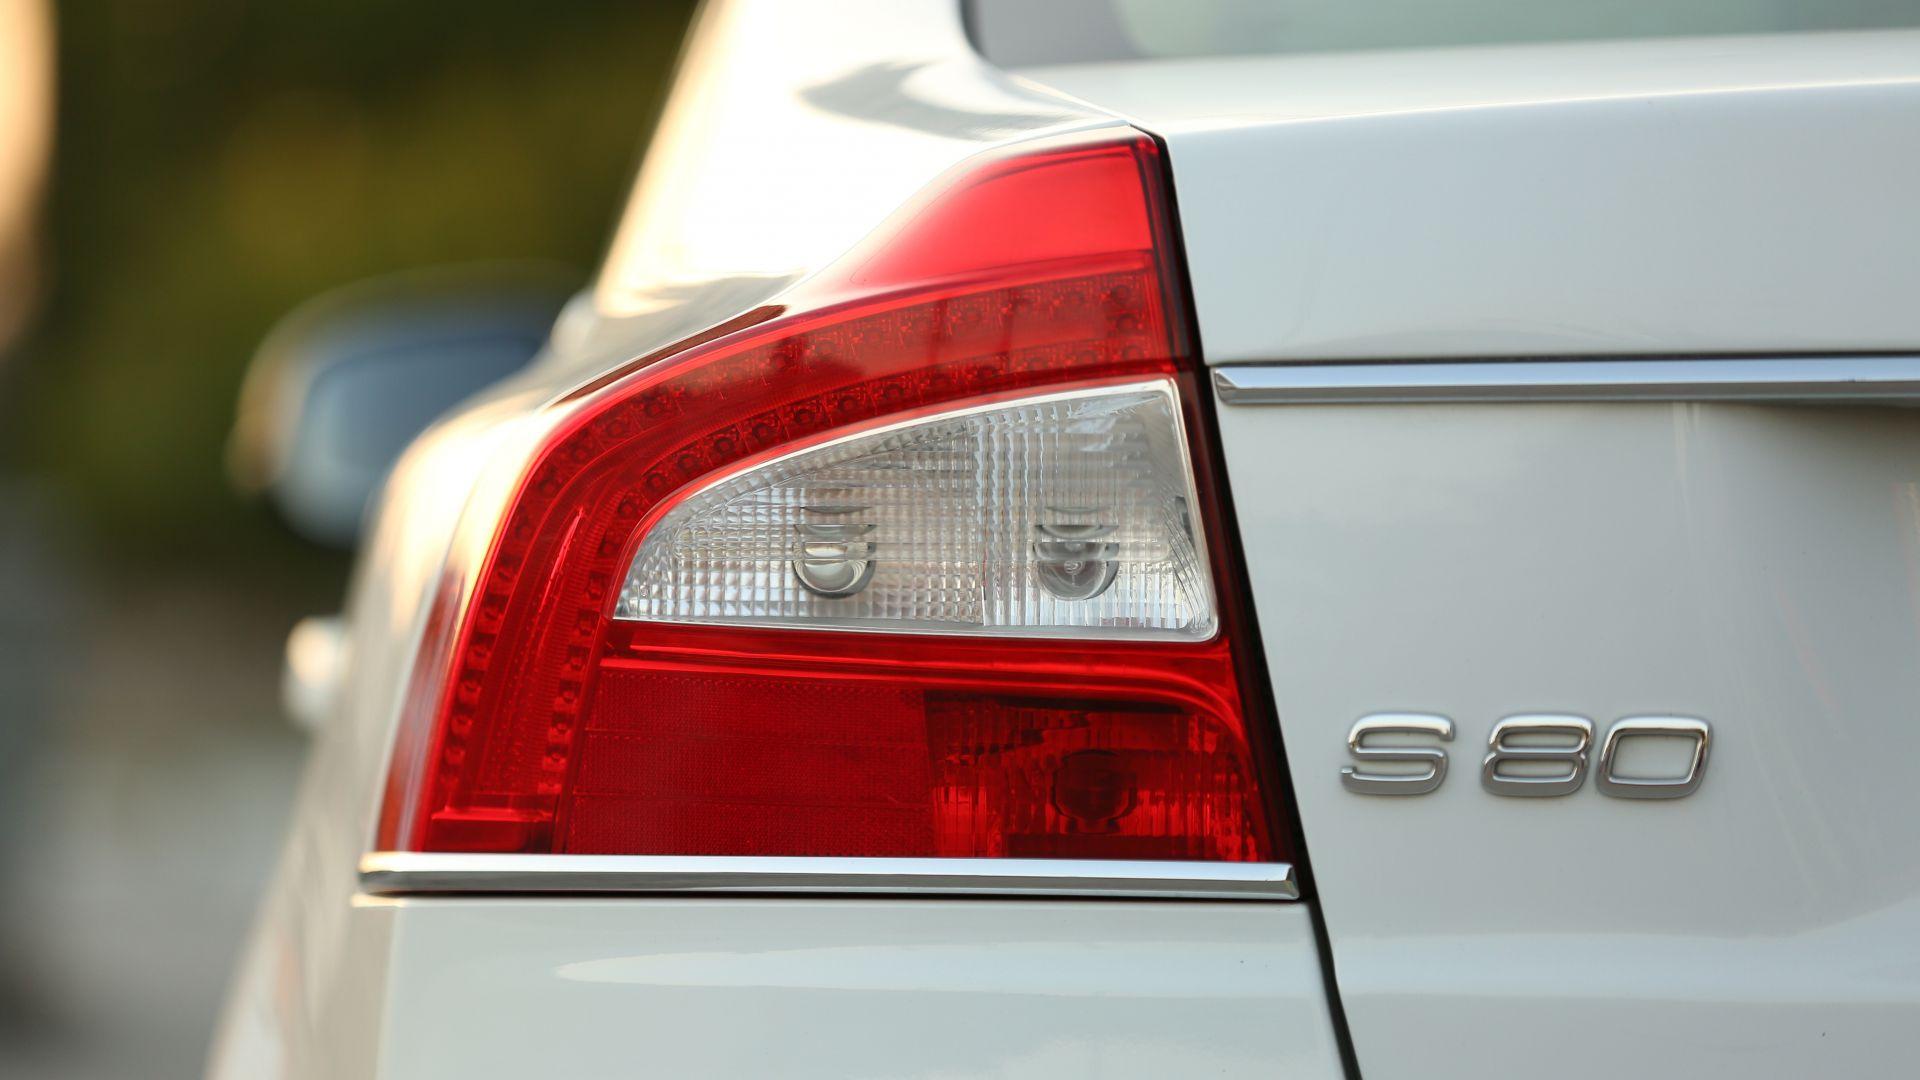 След смърт заради дефектен еърбег Volvo изтегля S80 и S60 от пазара в САЩ